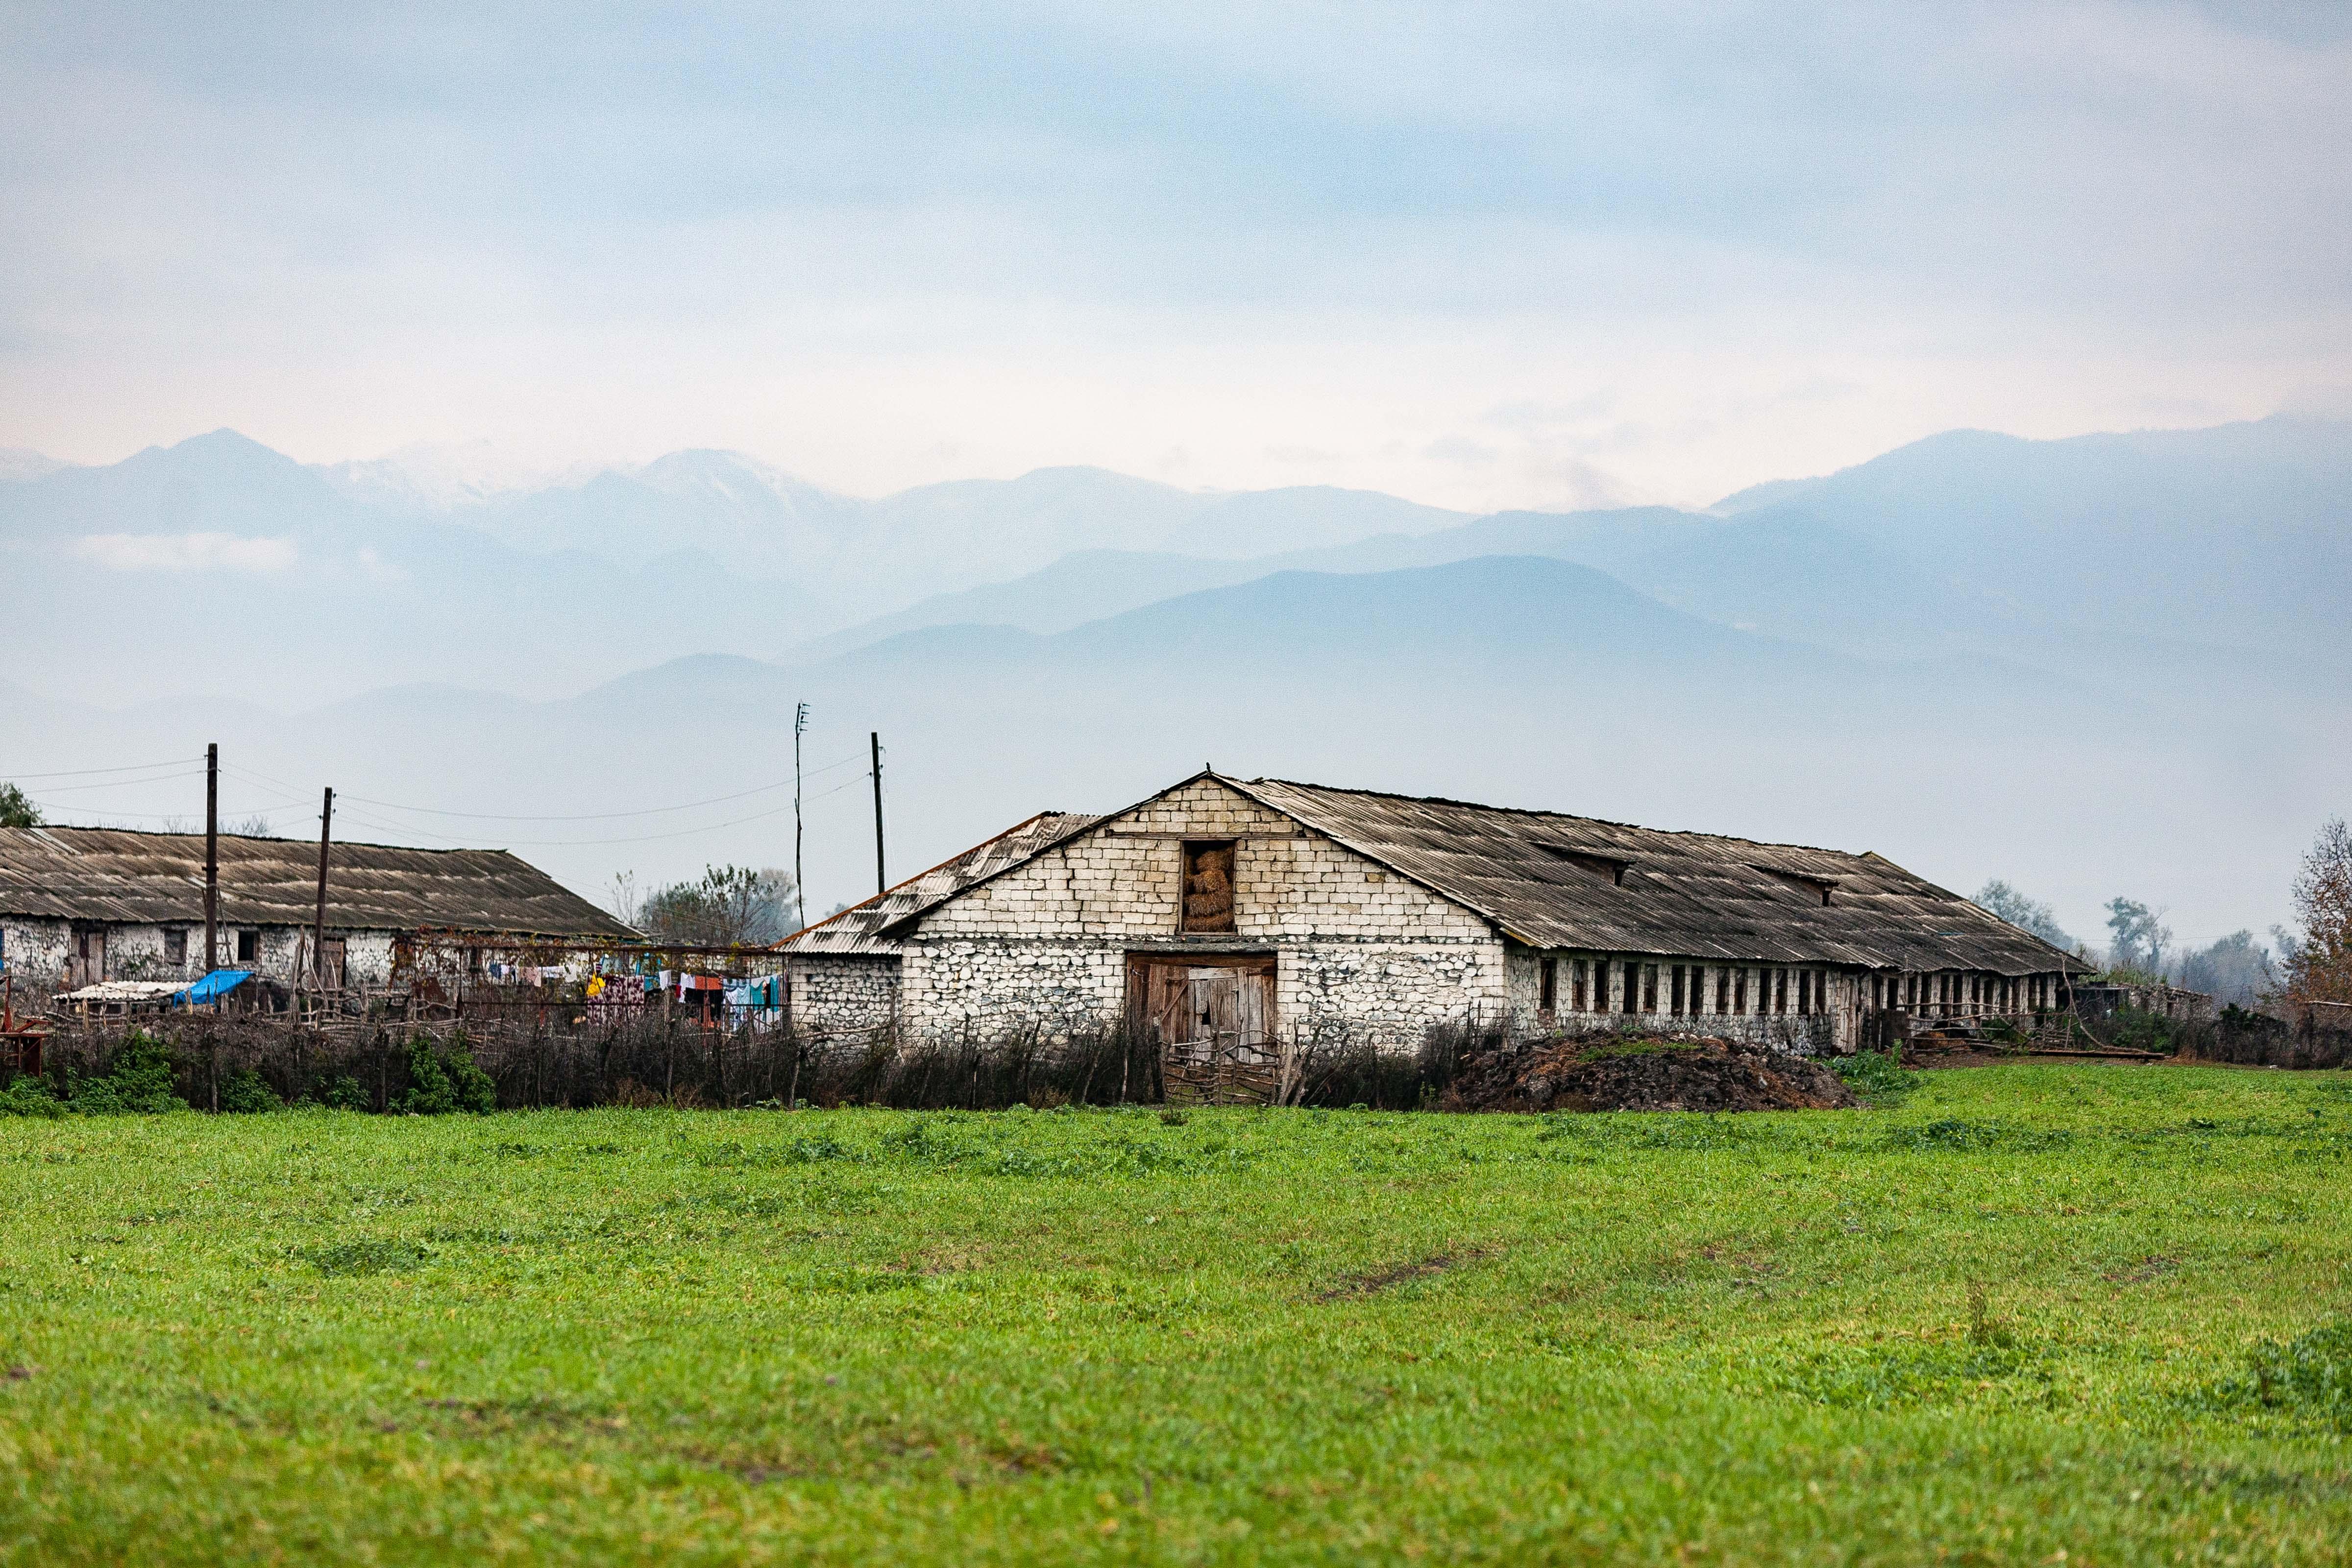 Azerbaijan, Qax Prov, Hay House, 2009, IMG 8312